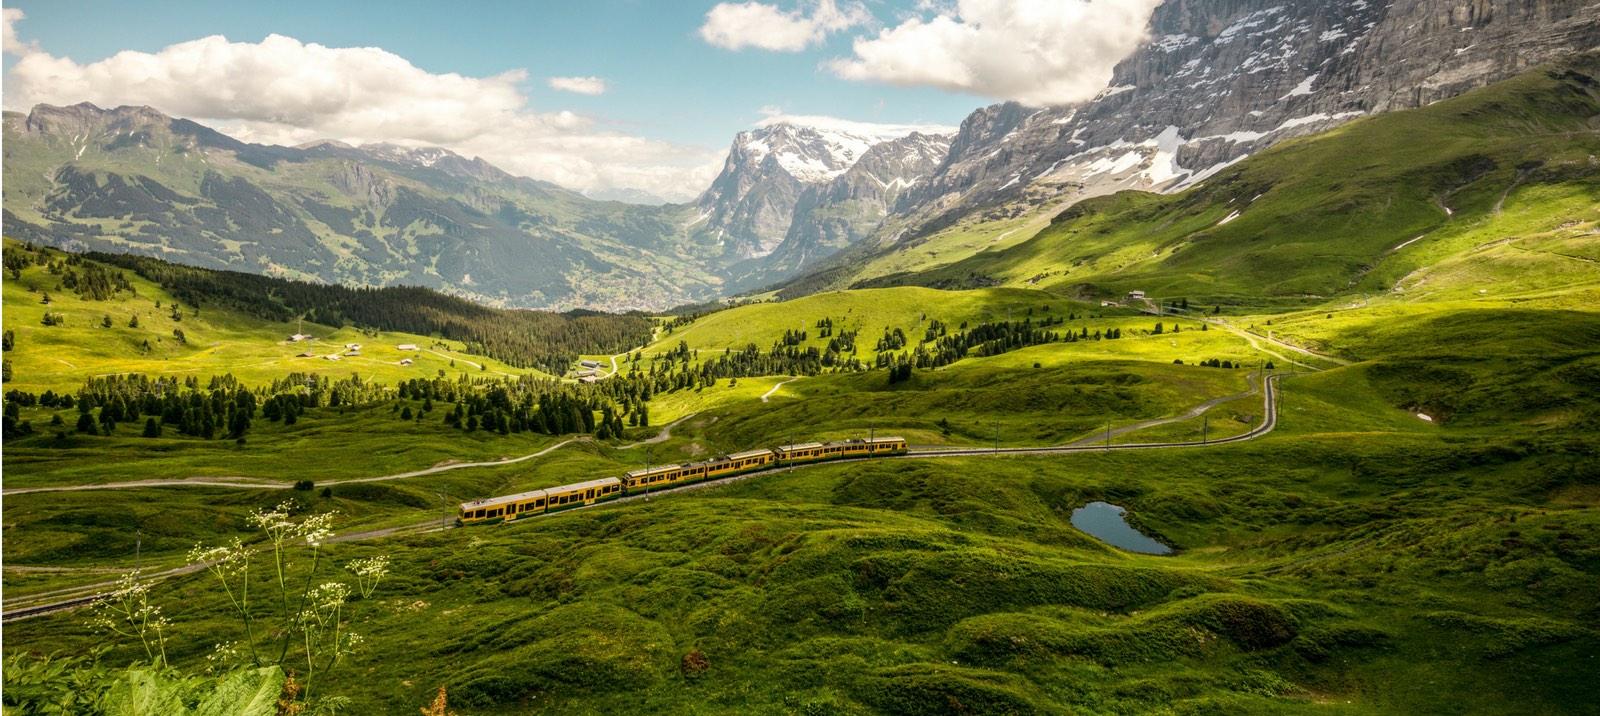 Conozca Interlaken y la región de Jungfrau en tren | Suiza